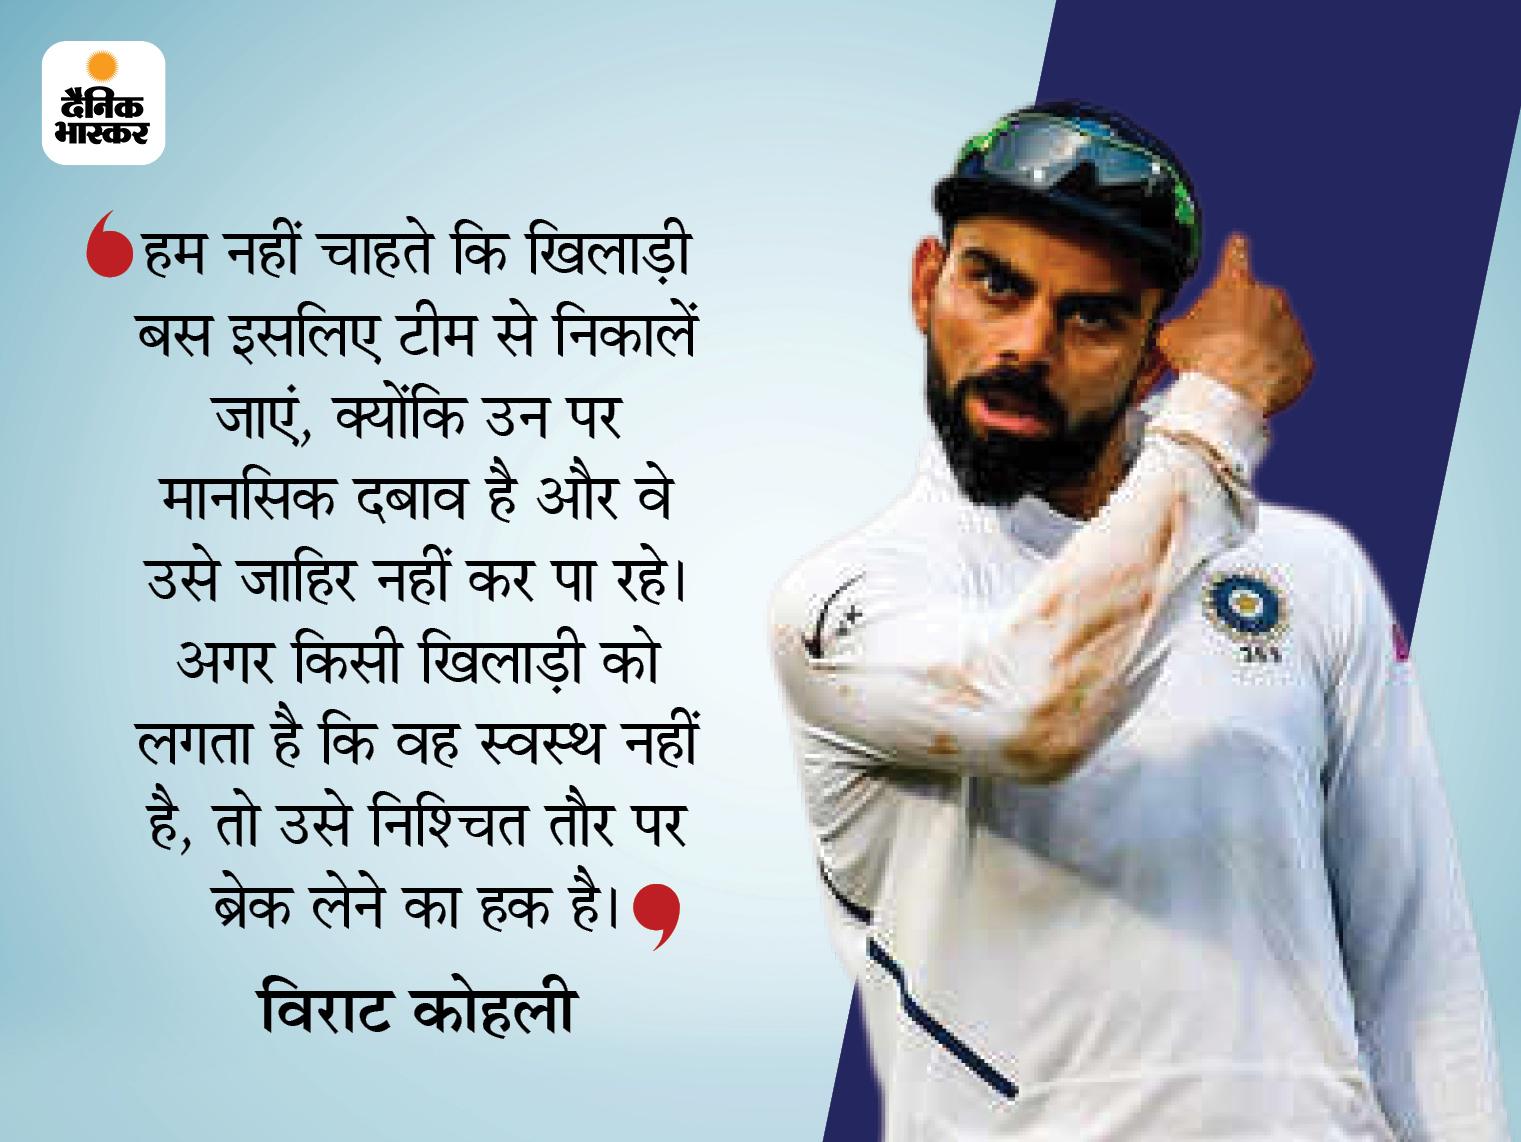 कैप्टन विराट ने कहा- प्लेयर्स के मेंटल हेल्थ का ध्यान रखना जरूरी, उसे नजरअंदाज नहीं कर सकते; खिलाड़ियों को ब्रेक भी मिले|क्रिकेट,Cricket - Dainik Bhaskar